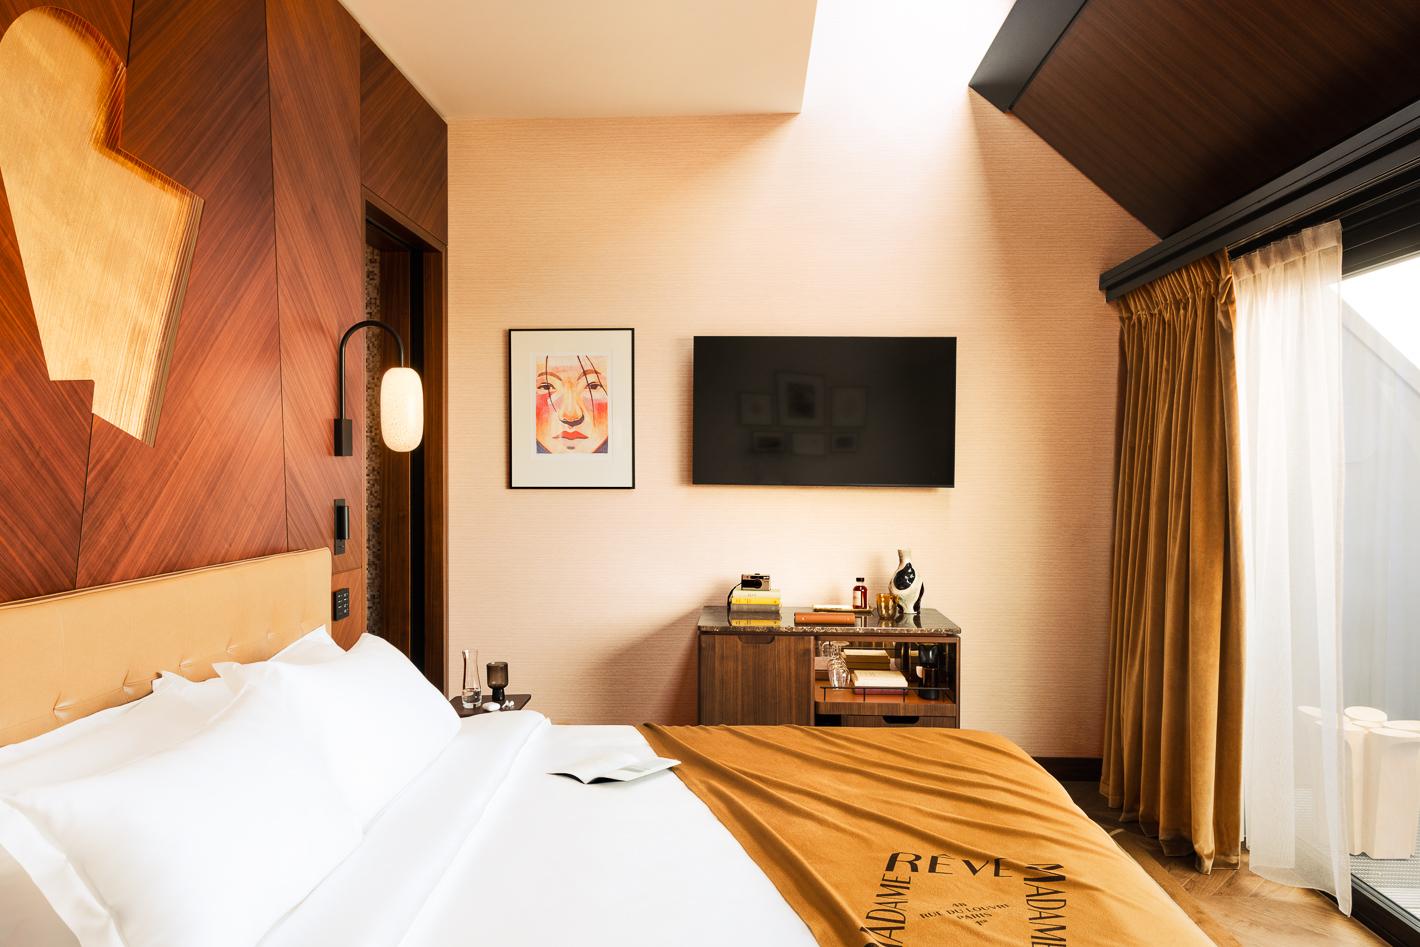 deluxe-vue-paris-terrasse-hotel-madame-reve-1